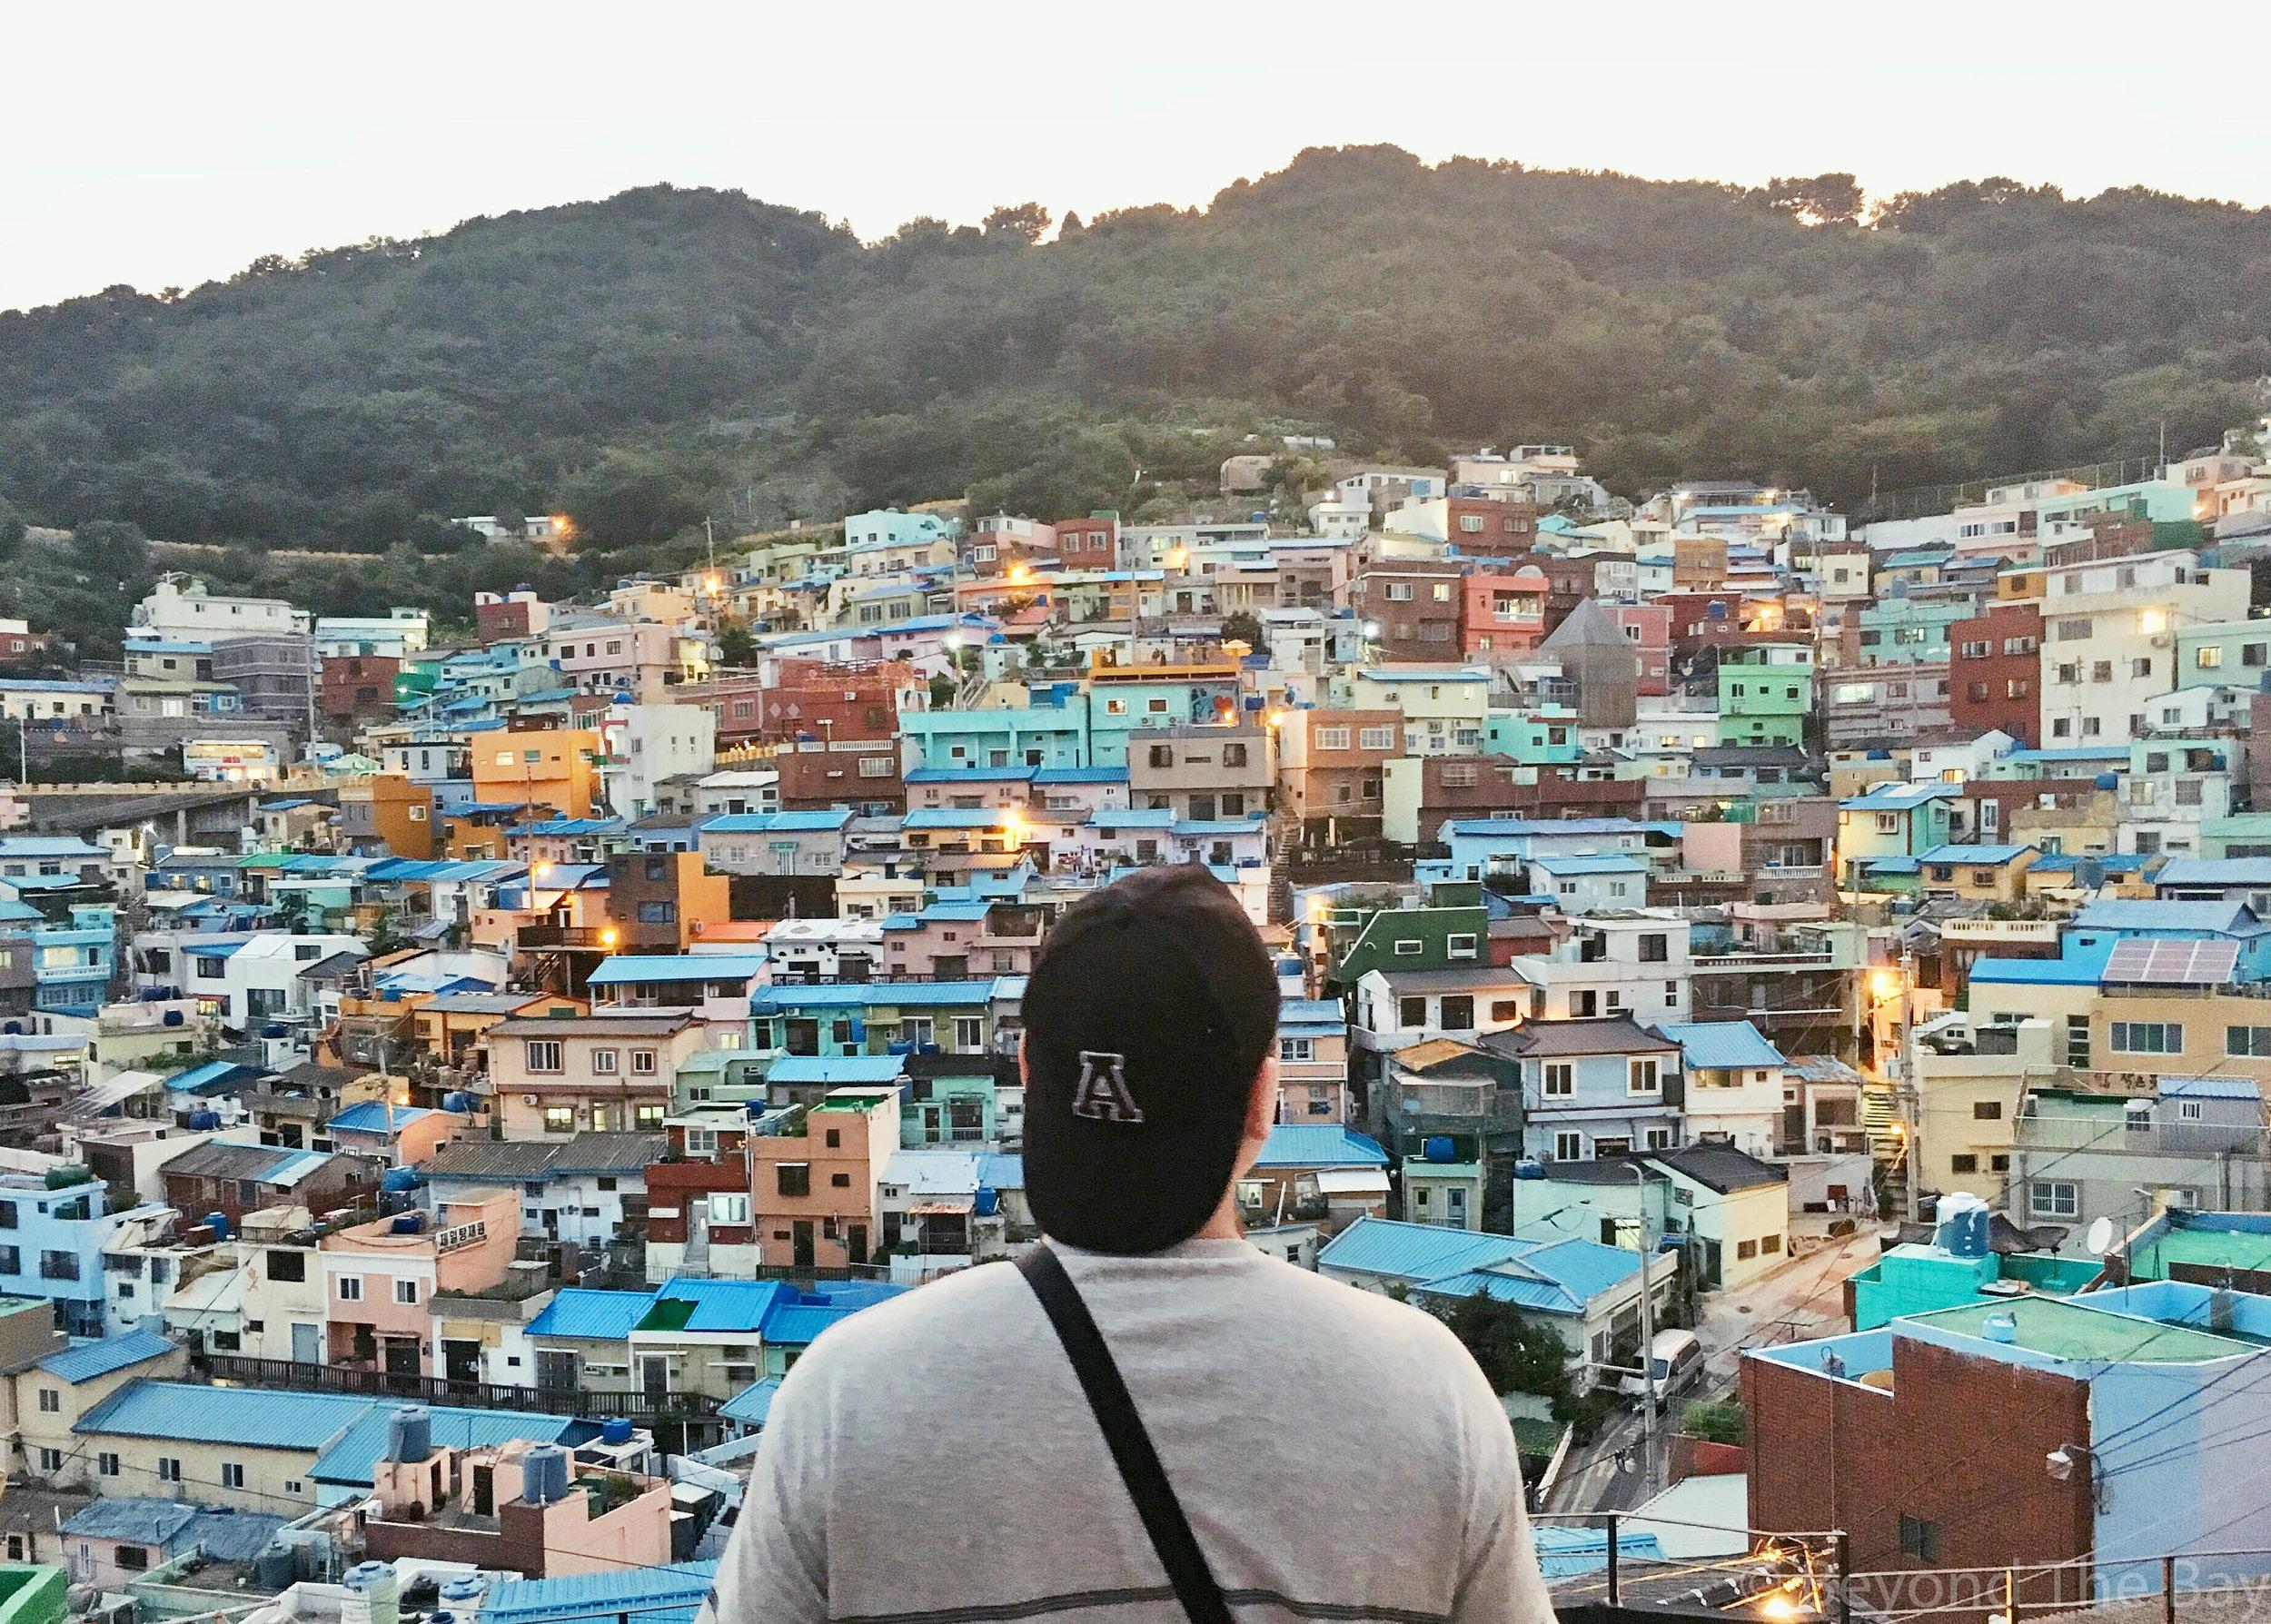 Gamcheon Cultural village view